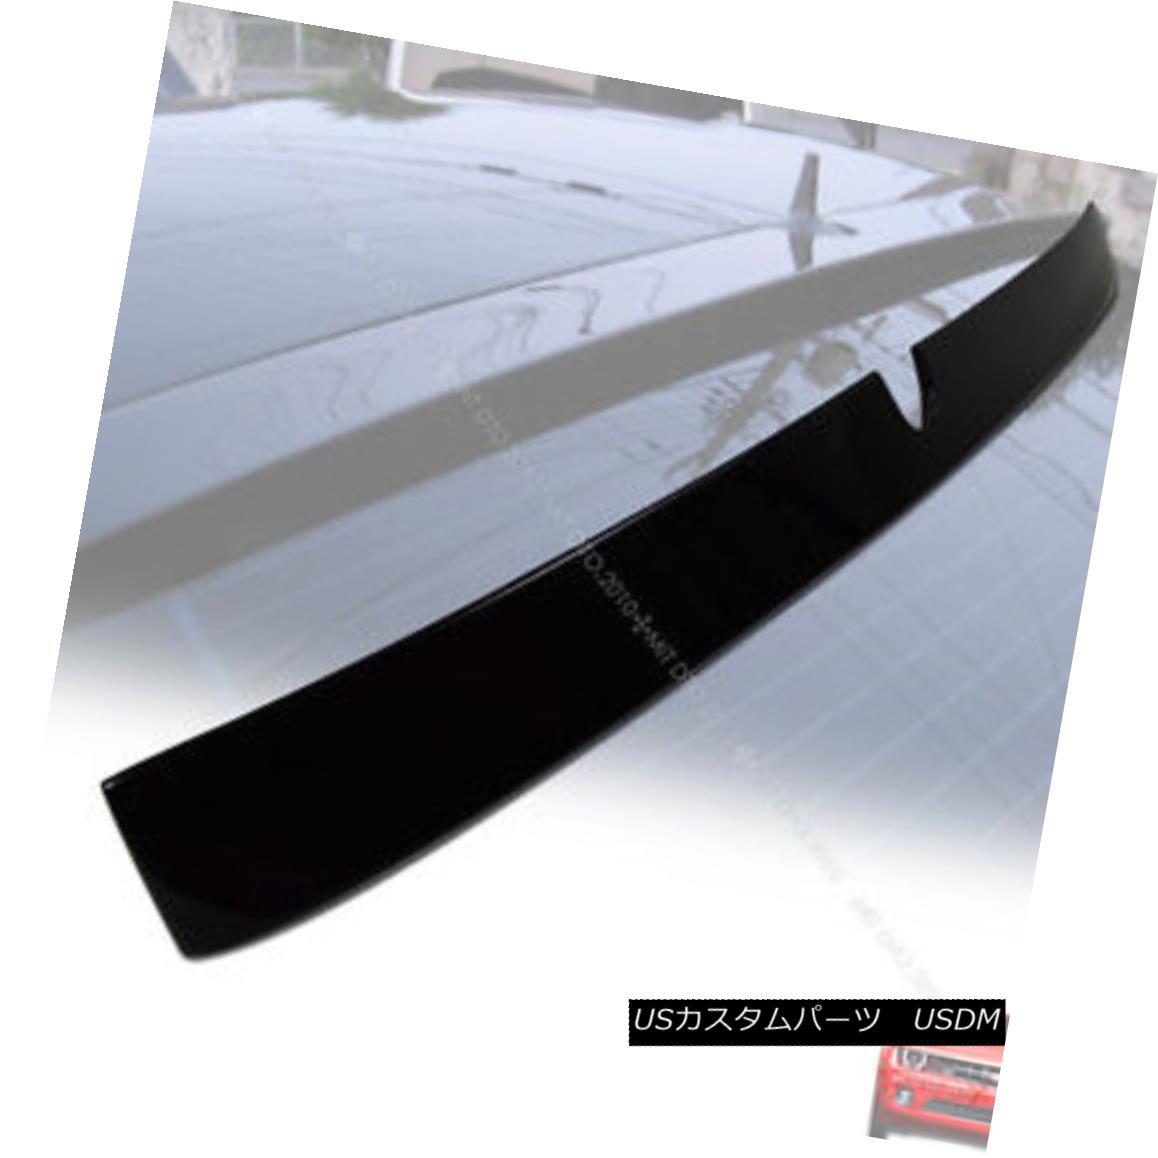 エアロパーツ Mercedes Benz W219 L Type Window Rear Roof Spoiler Painted 040 メルセデスベンツW219 Lタイプウィンドウリアルーフスポイラー040